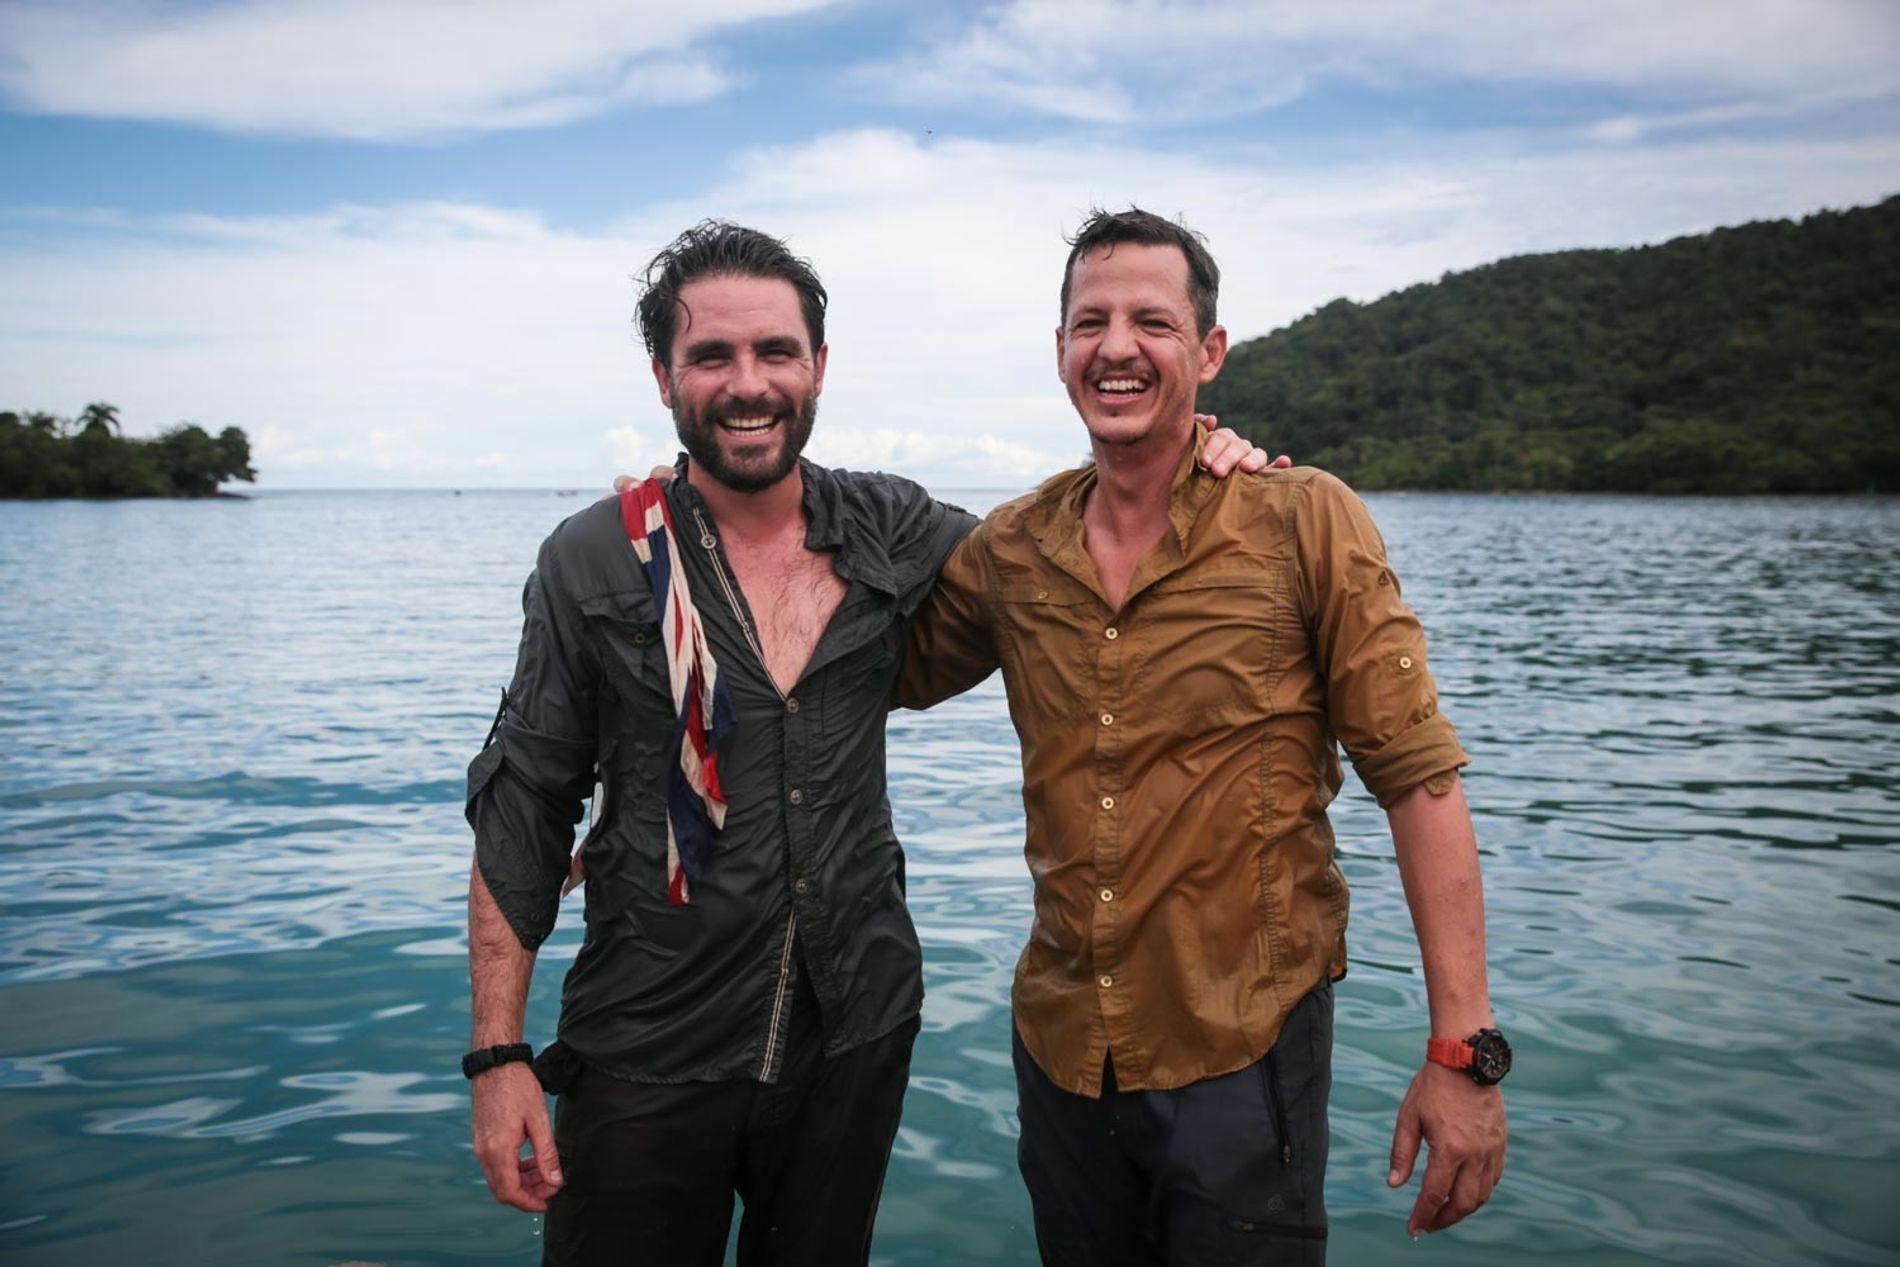 Jornada pela América: do México à Colômbia